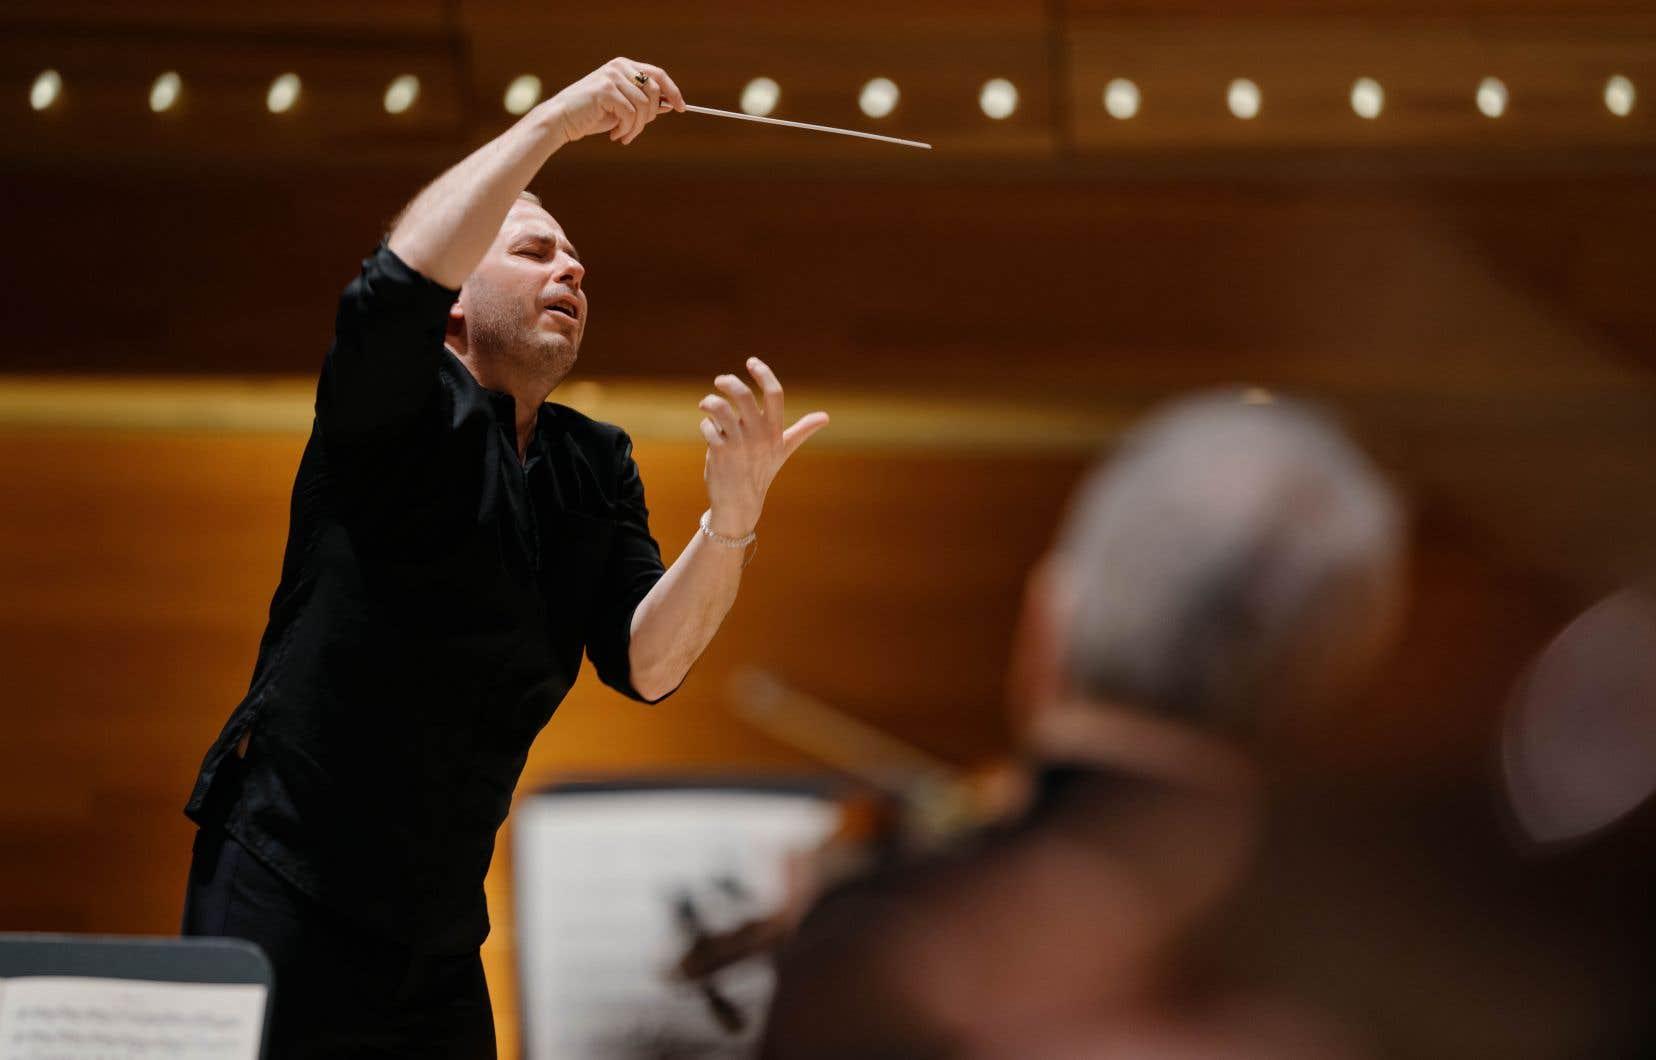 Le travail de Yannick Nézet-Séguin comportait quelques idées cruciales, comme une manière très raffinée de cerner la première note, suspendue dans l'air.